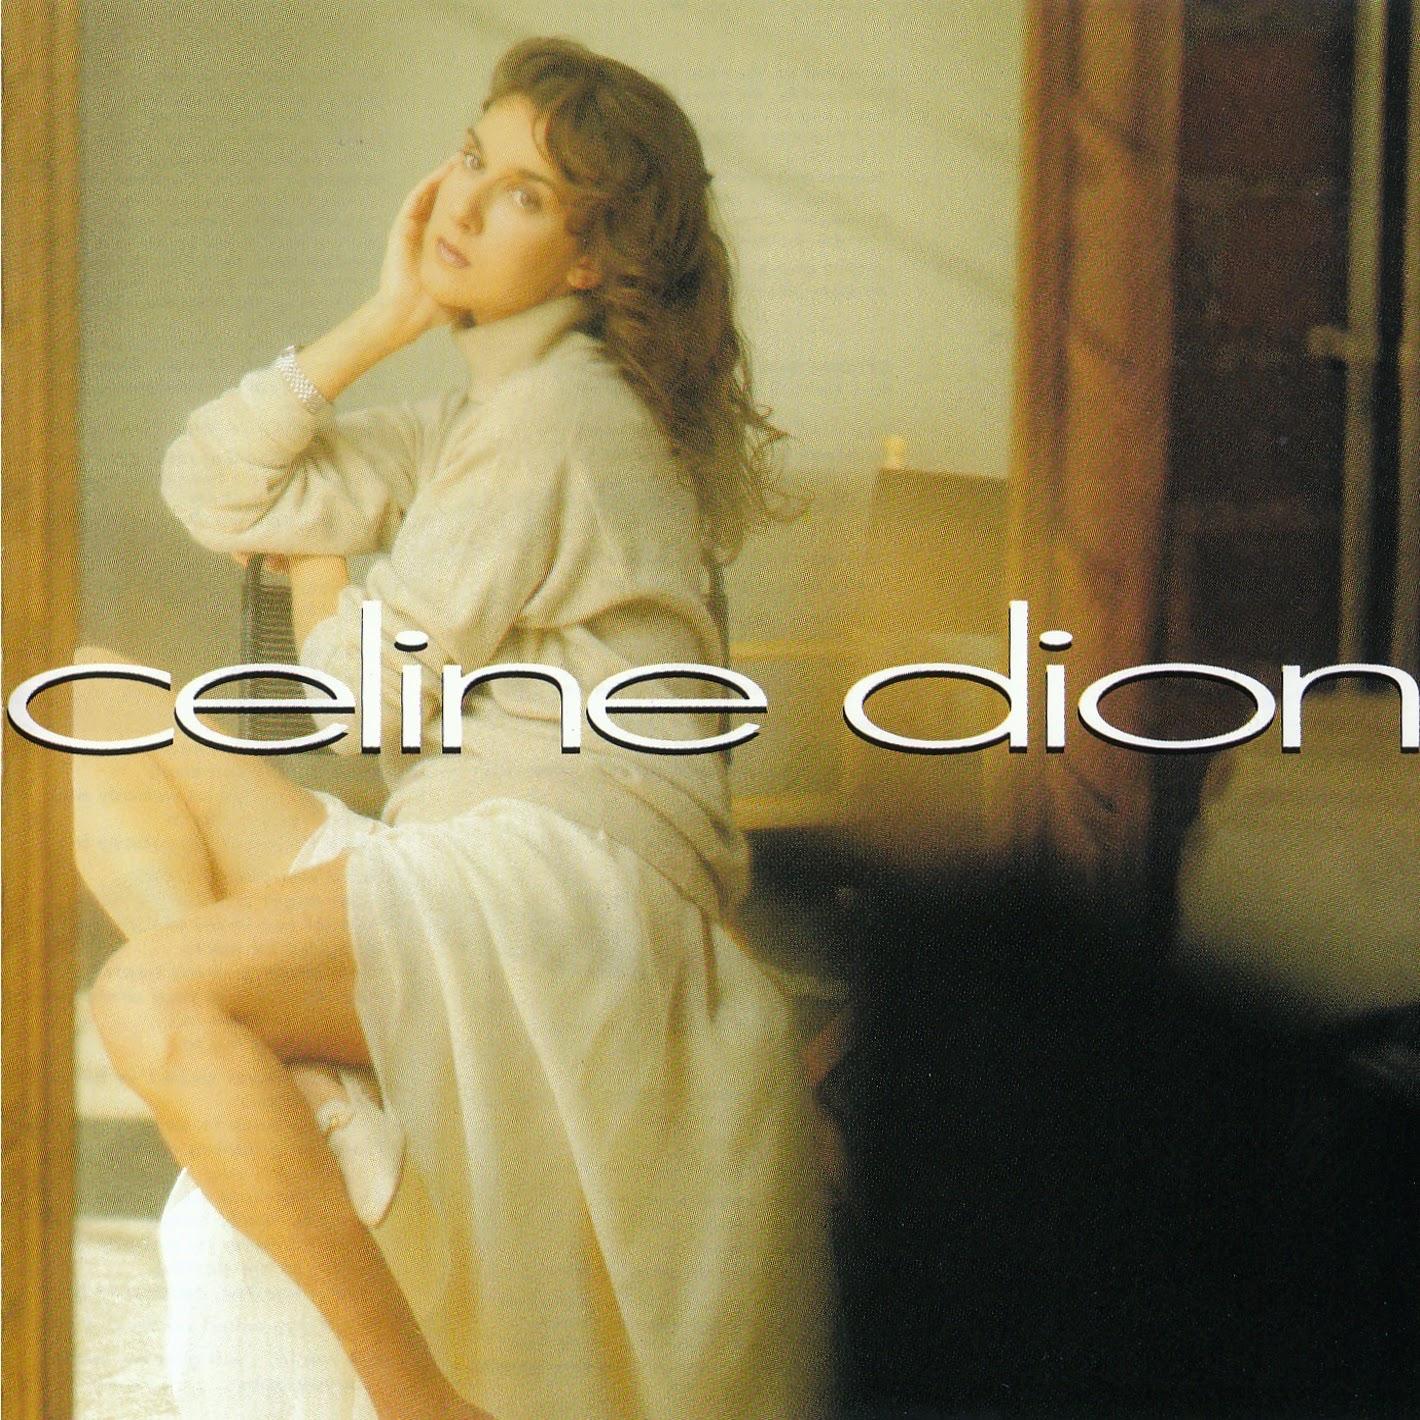 the power of love celine dion celine dion celine dion 1992. Black Bedroom Furniture Sets. Home Design Ideas